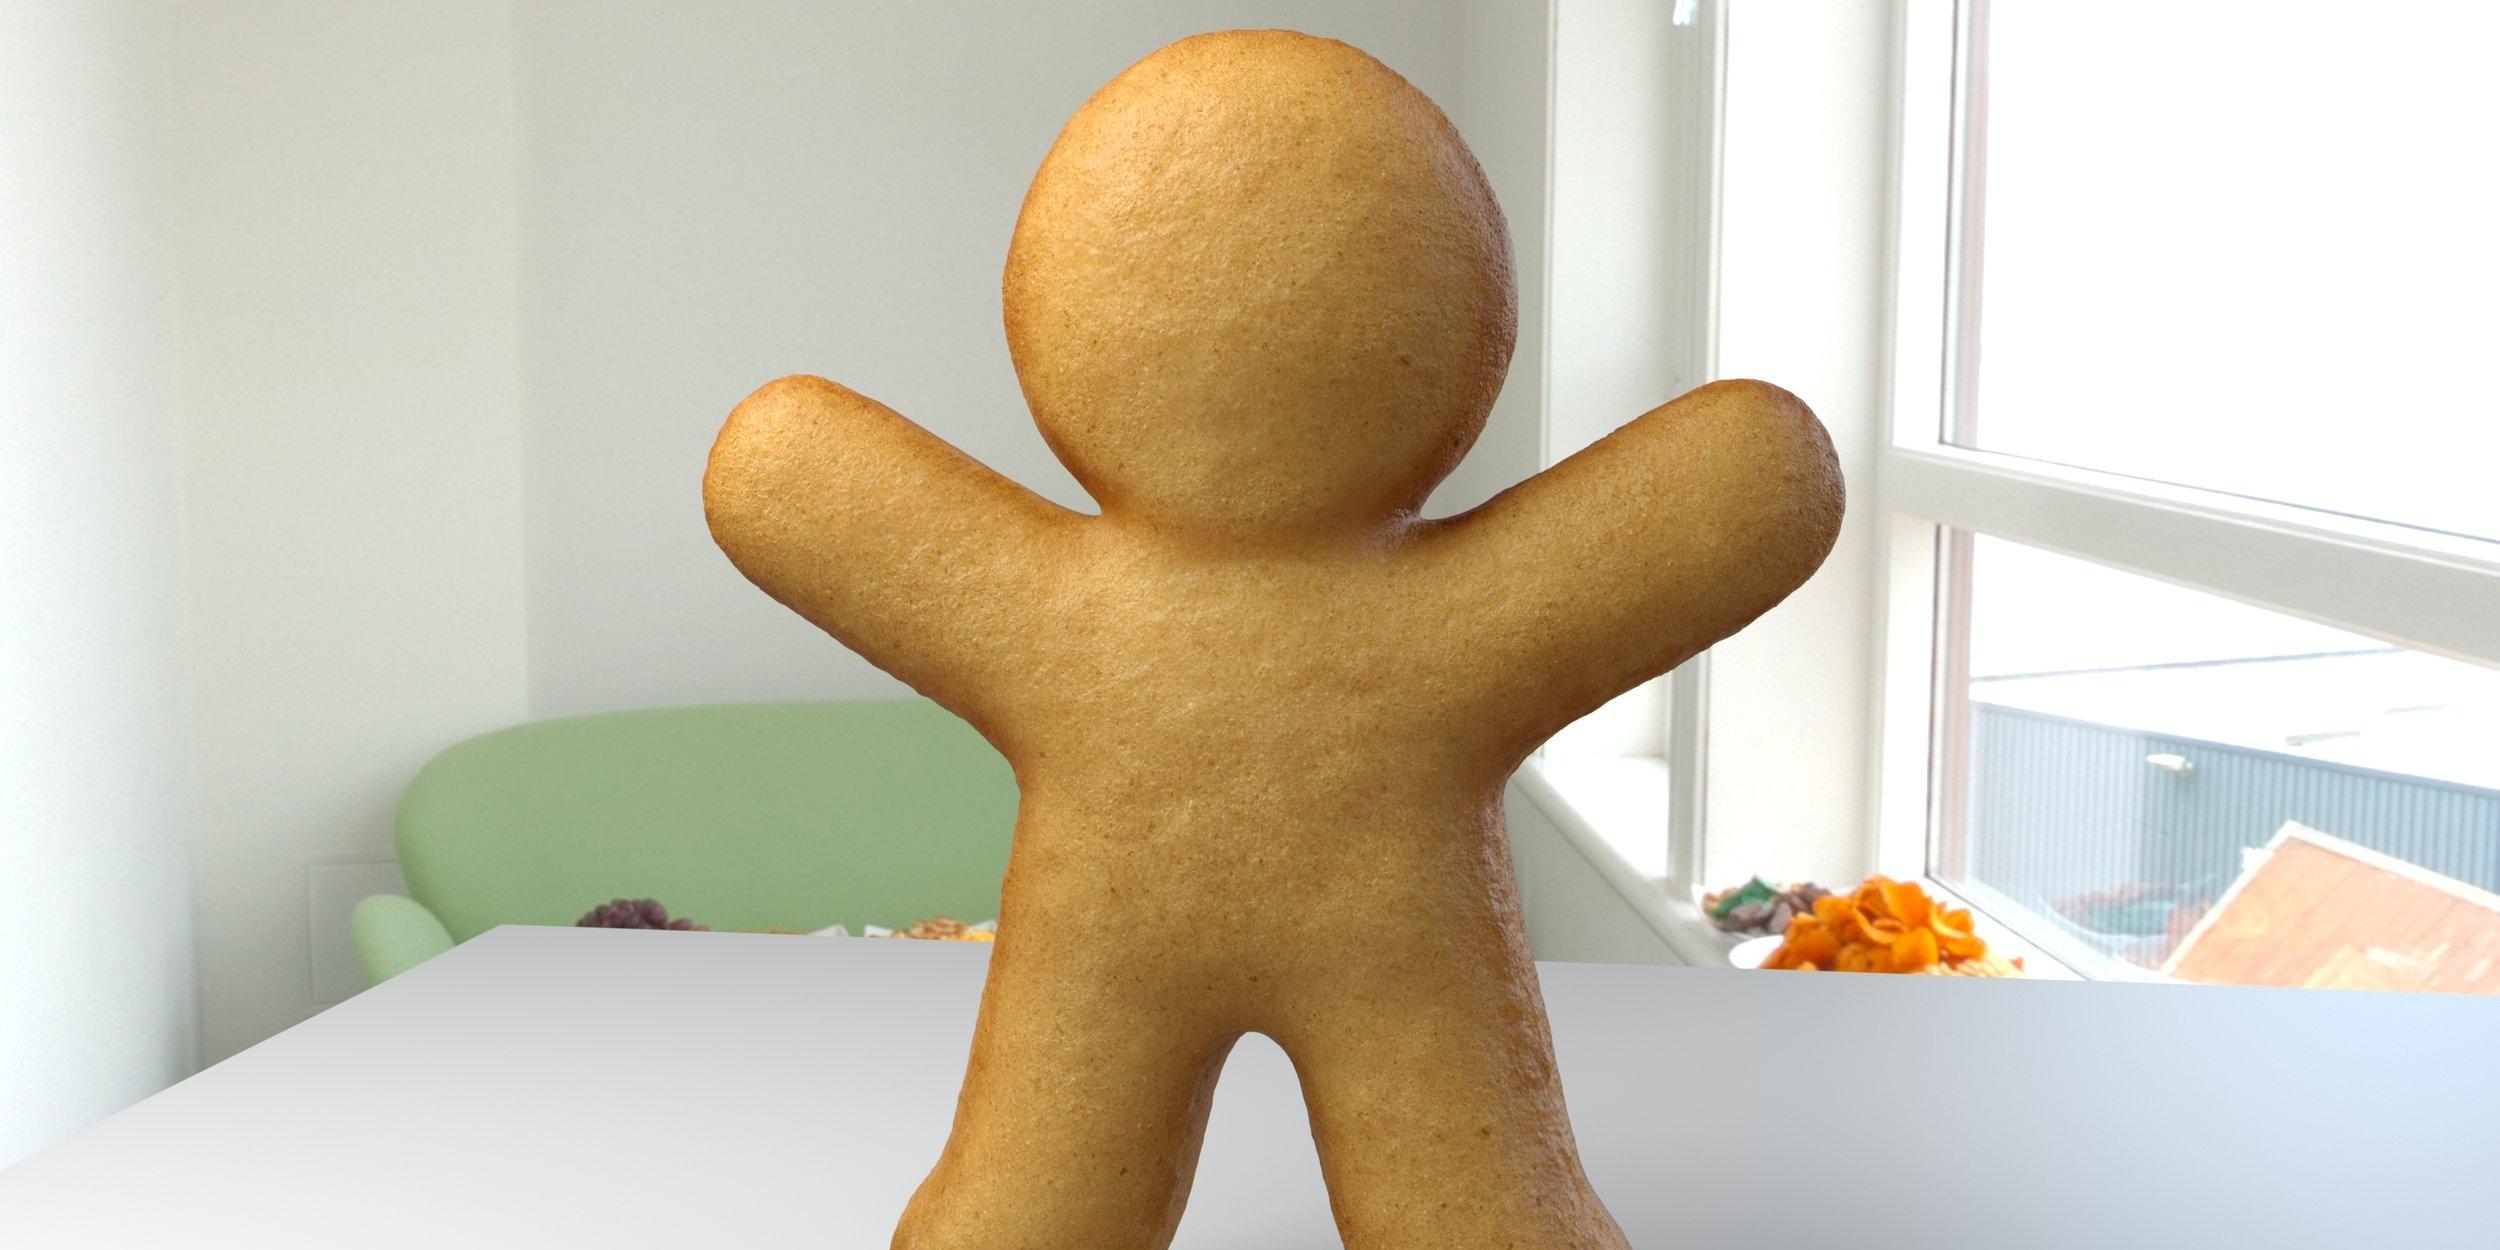 Gingerbreadman_3d_model_v012_4K_texturetest_002.jpg